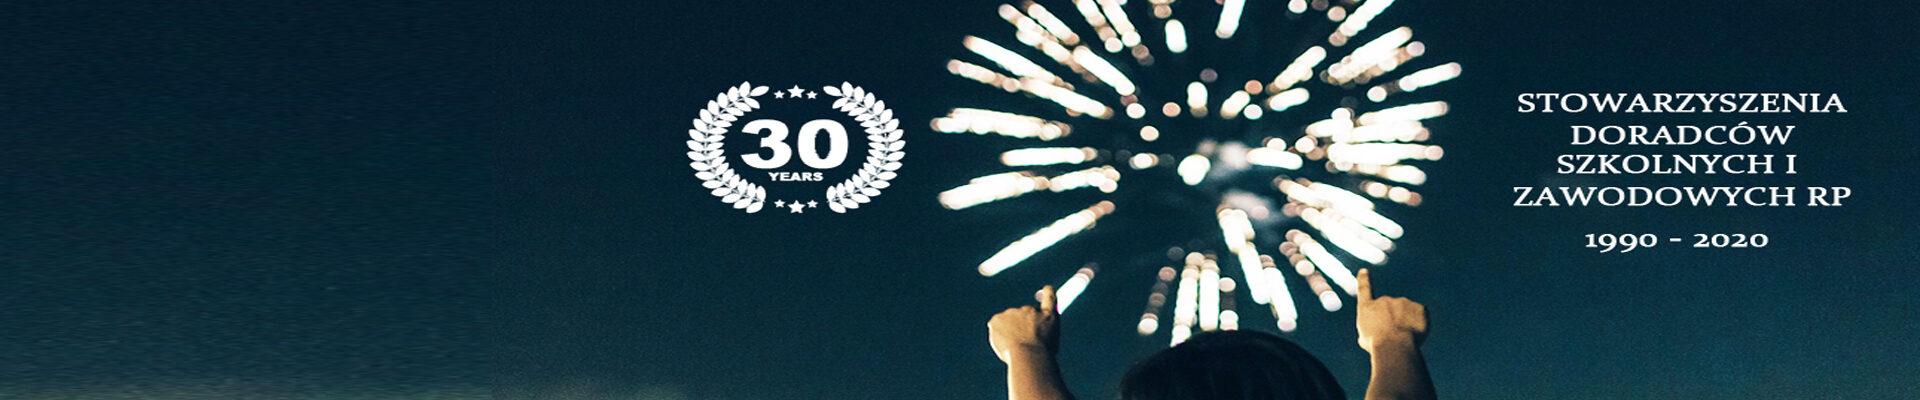 30 lat Stowarzyszenia Doradców Szkolnych i Zawodowych RP